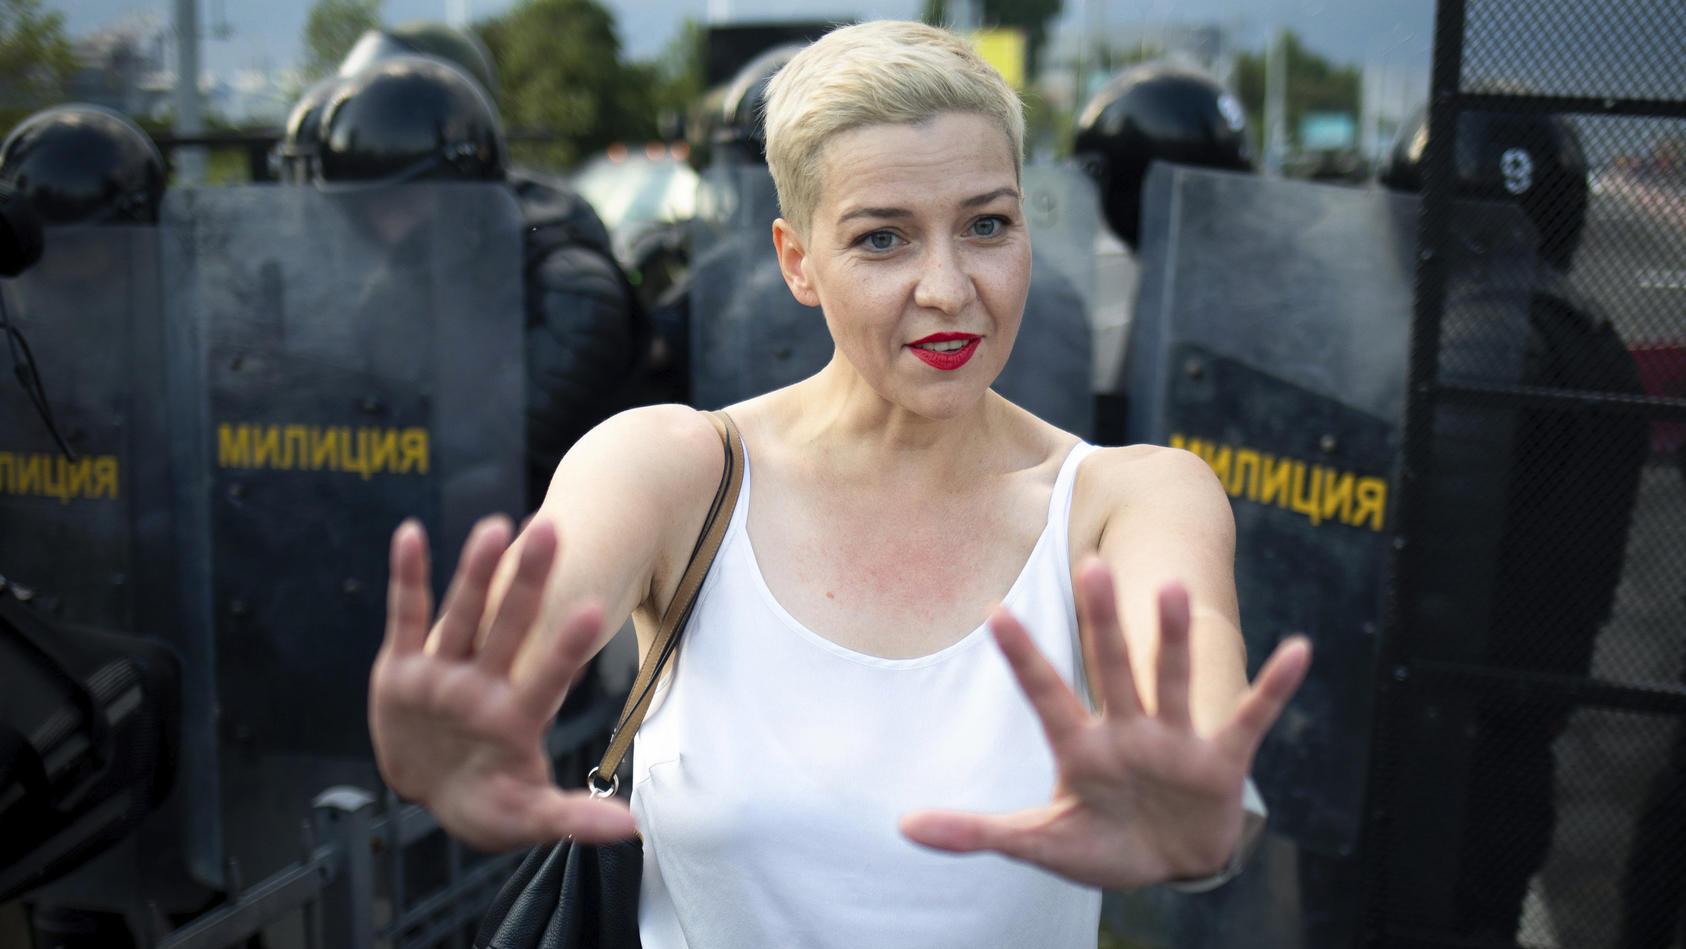 Die seit Montag verschwundene belarussische Oppositionspolitikerin Maria Kolesnikowa sowie zwei Mitarbeiter sollen das Land verlassen haben.